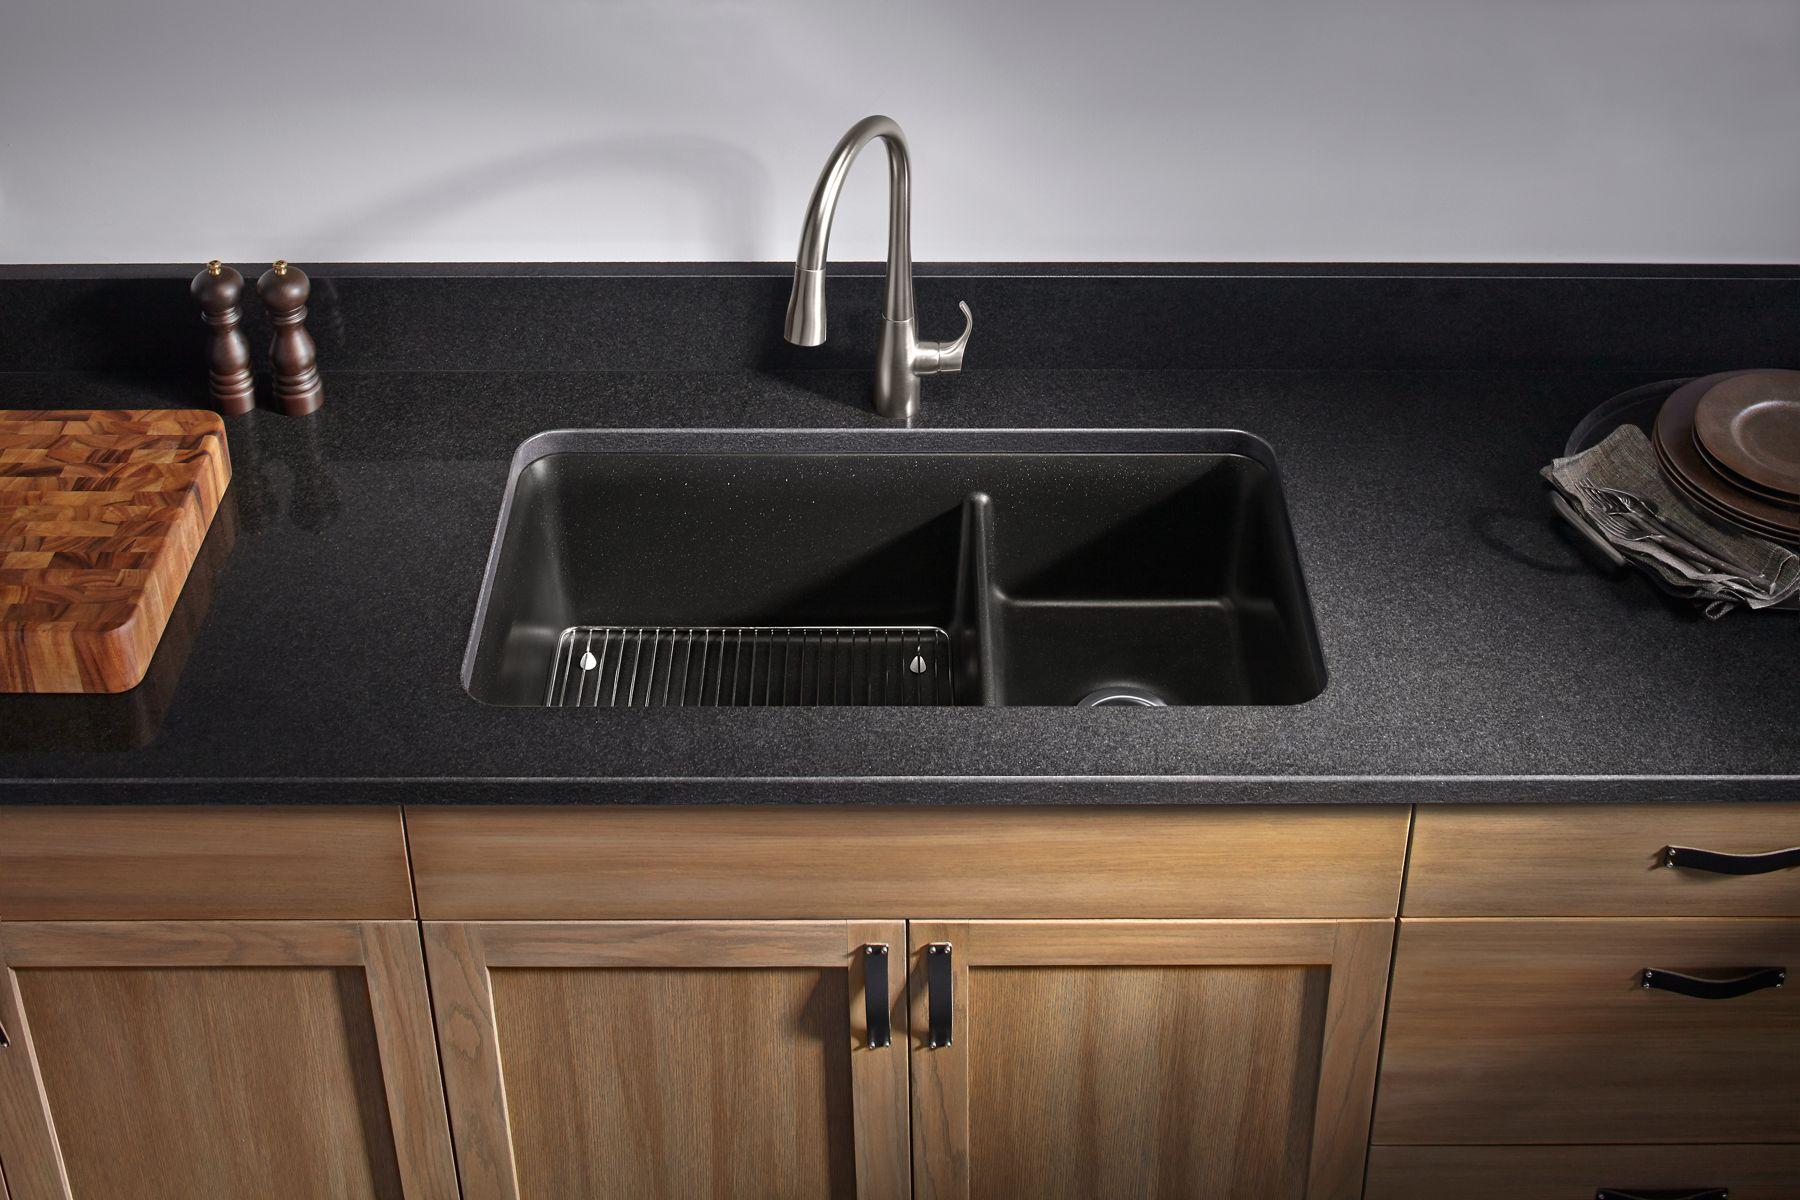 Wunderbar Neoroc™ Kitchen Sinks